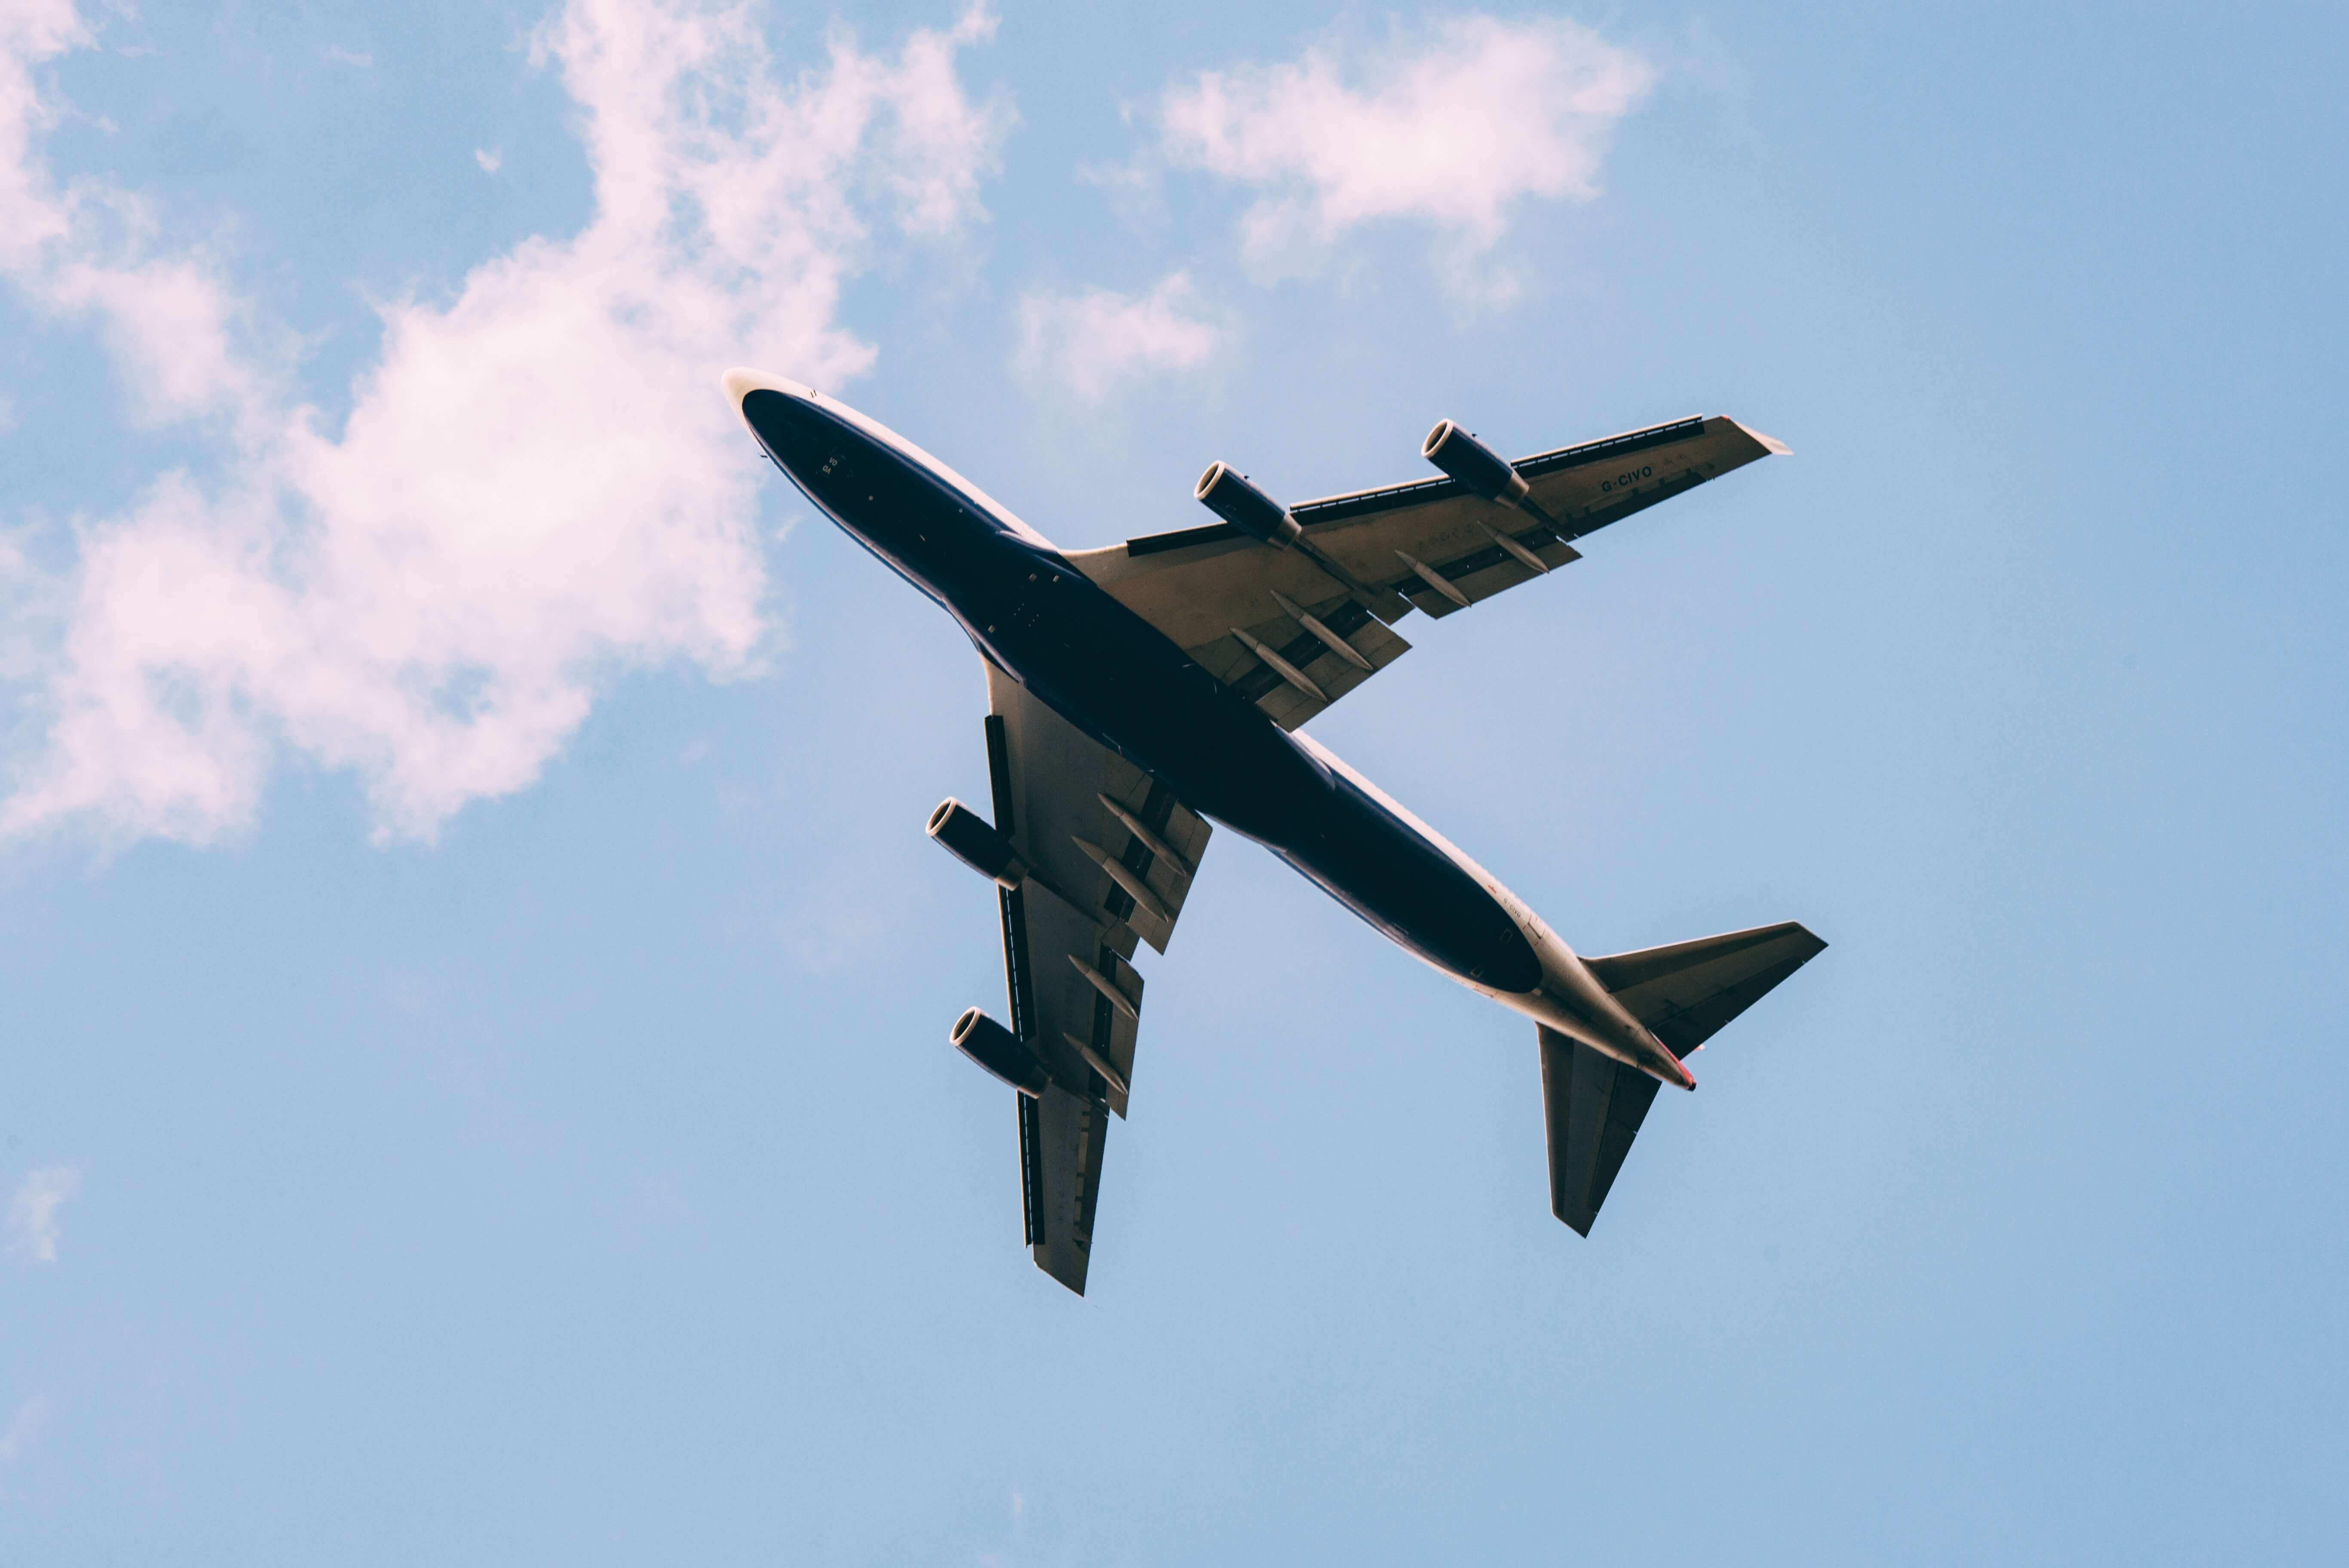 Поясним за новости: российским авиакомпаниям не нравится идея «открытого неба»